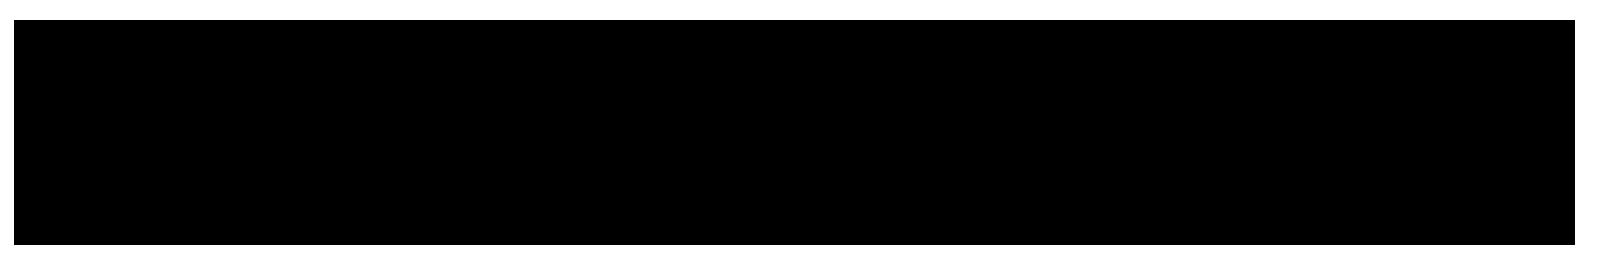 podpis-czarny-small